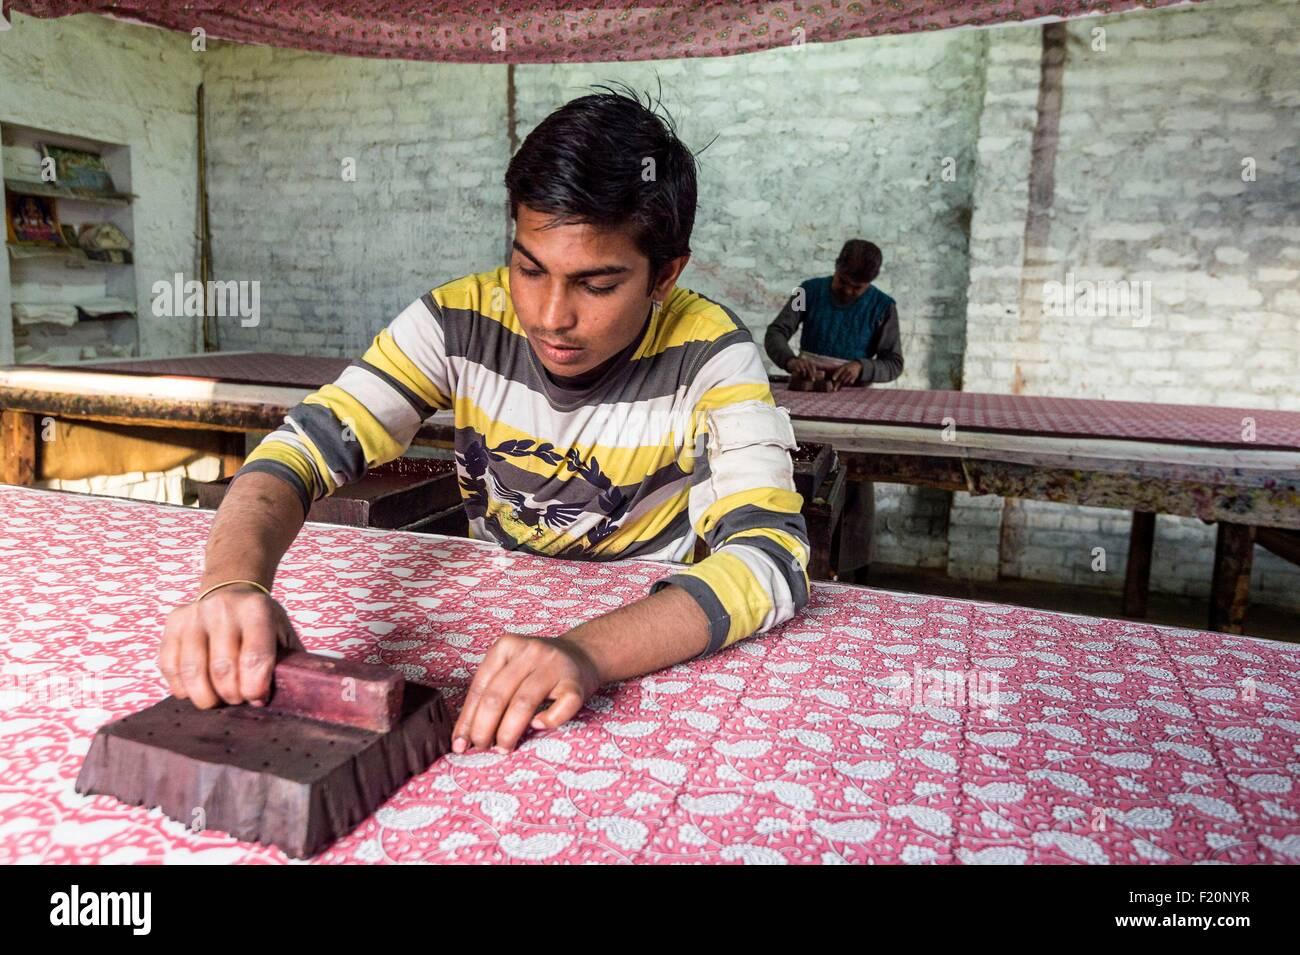 India, Rajasthan state, Sanganer, Block printing of coton - Stock Image